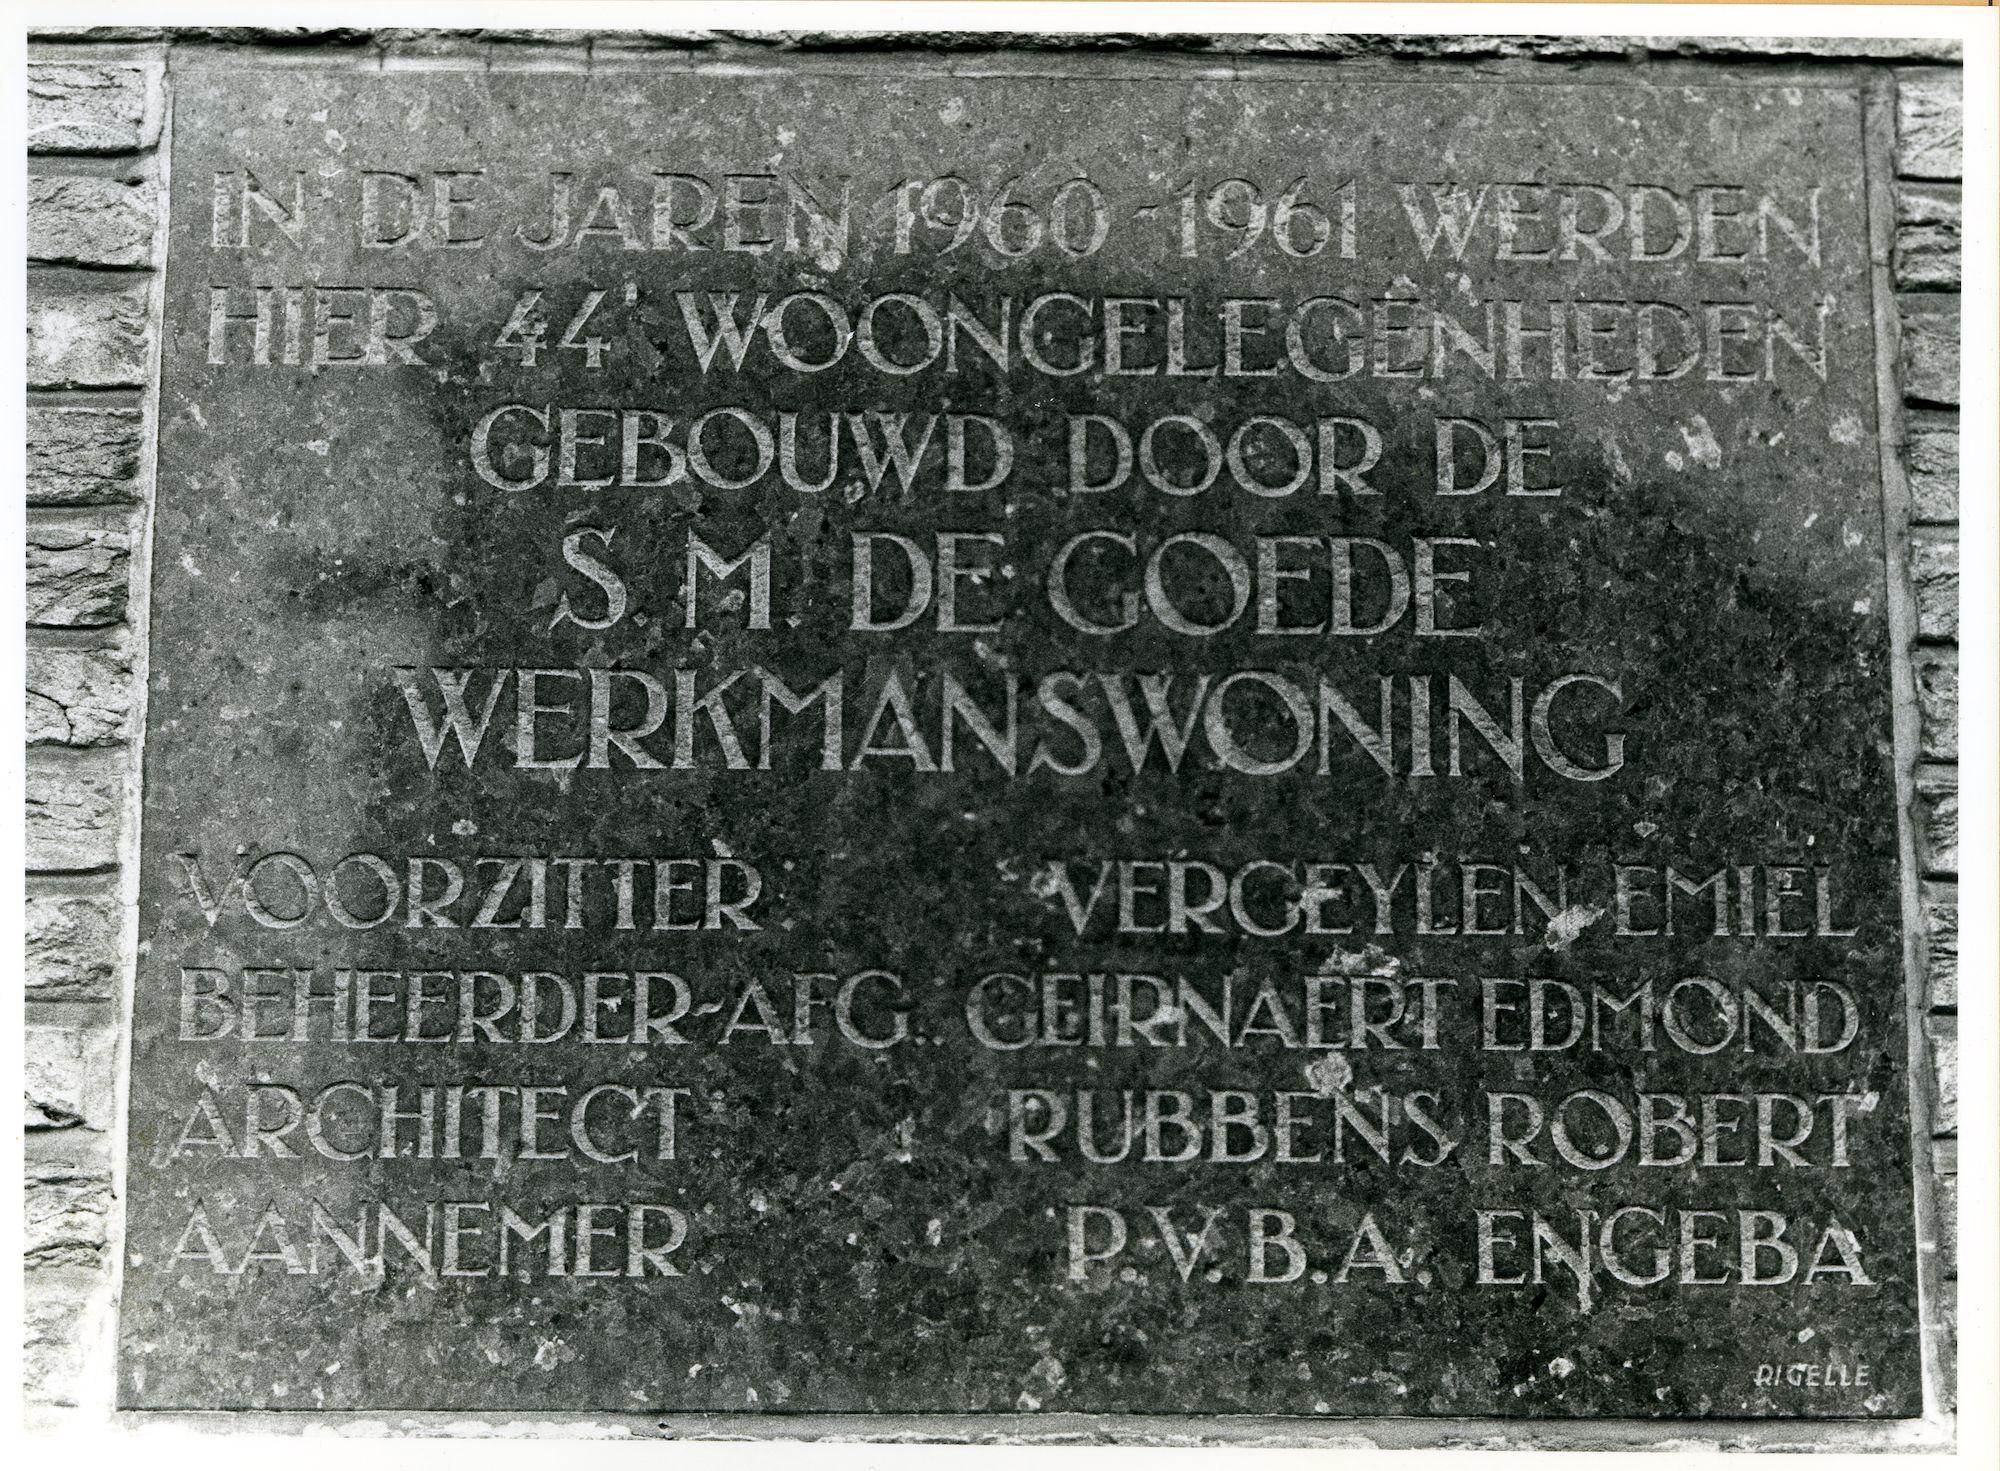 Gent: Nimfenstraat: Gedenksteen, 1979